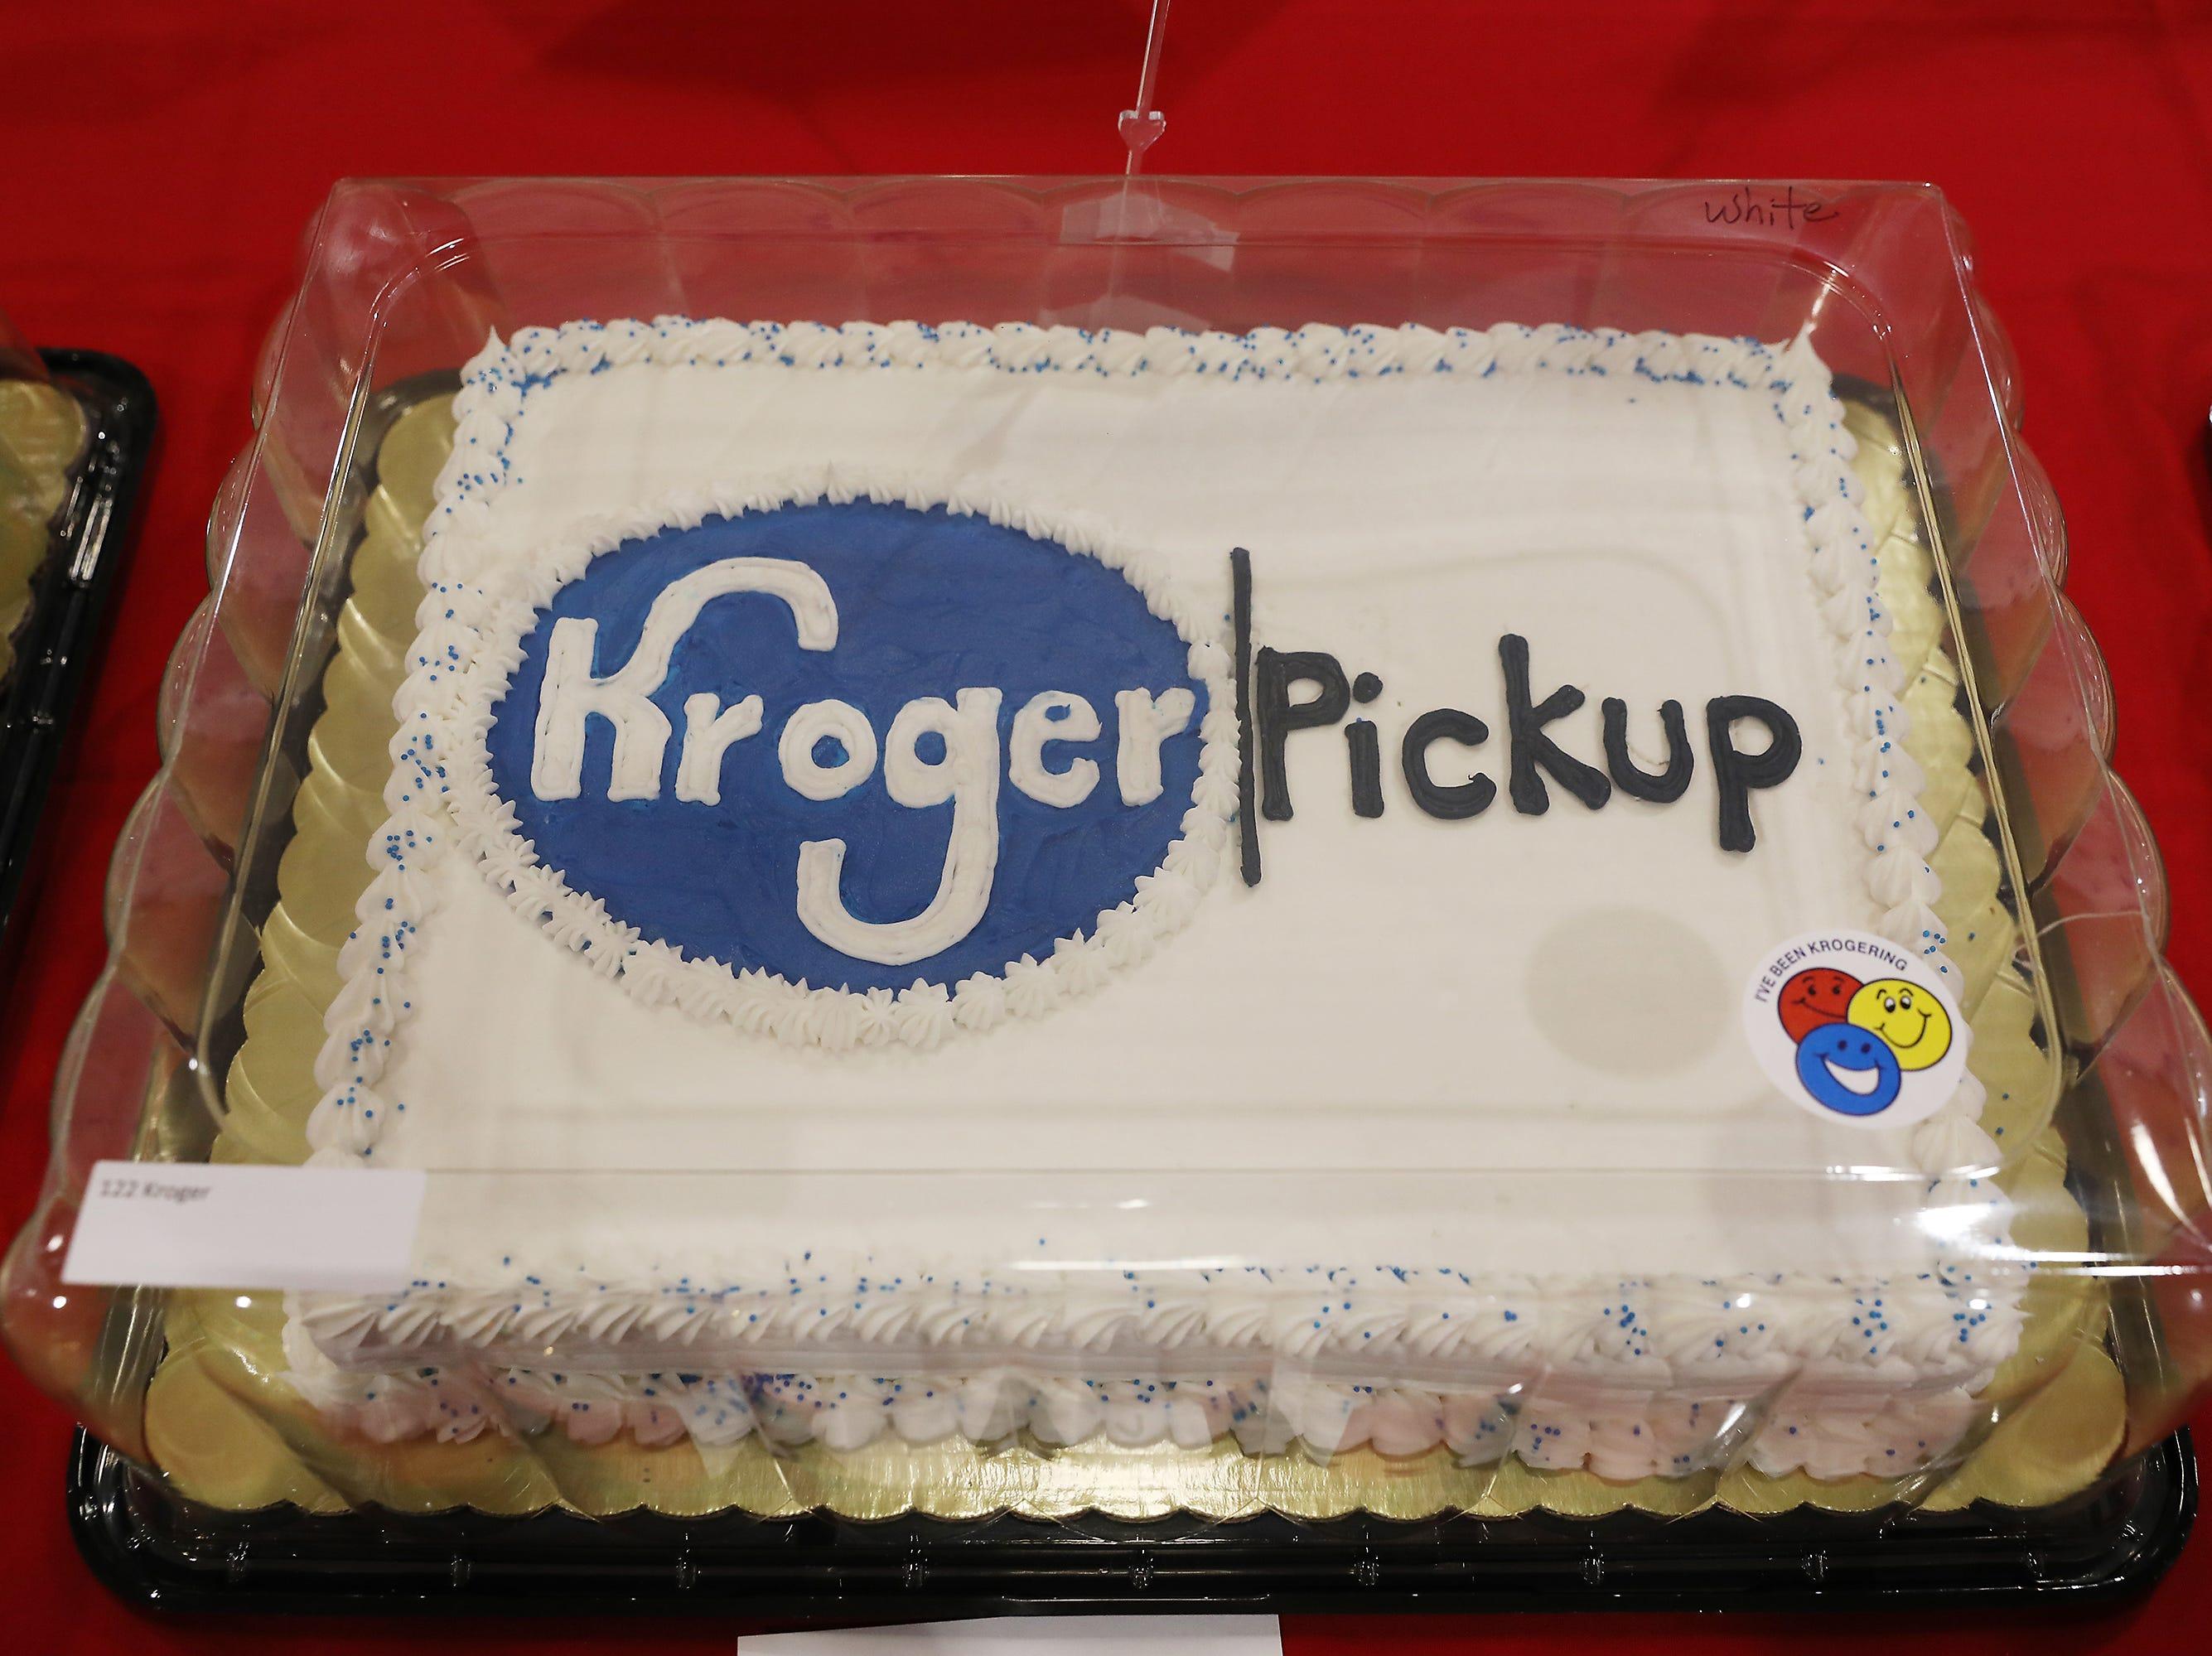 2:15 P.M. Thursday cake 122 Kroger